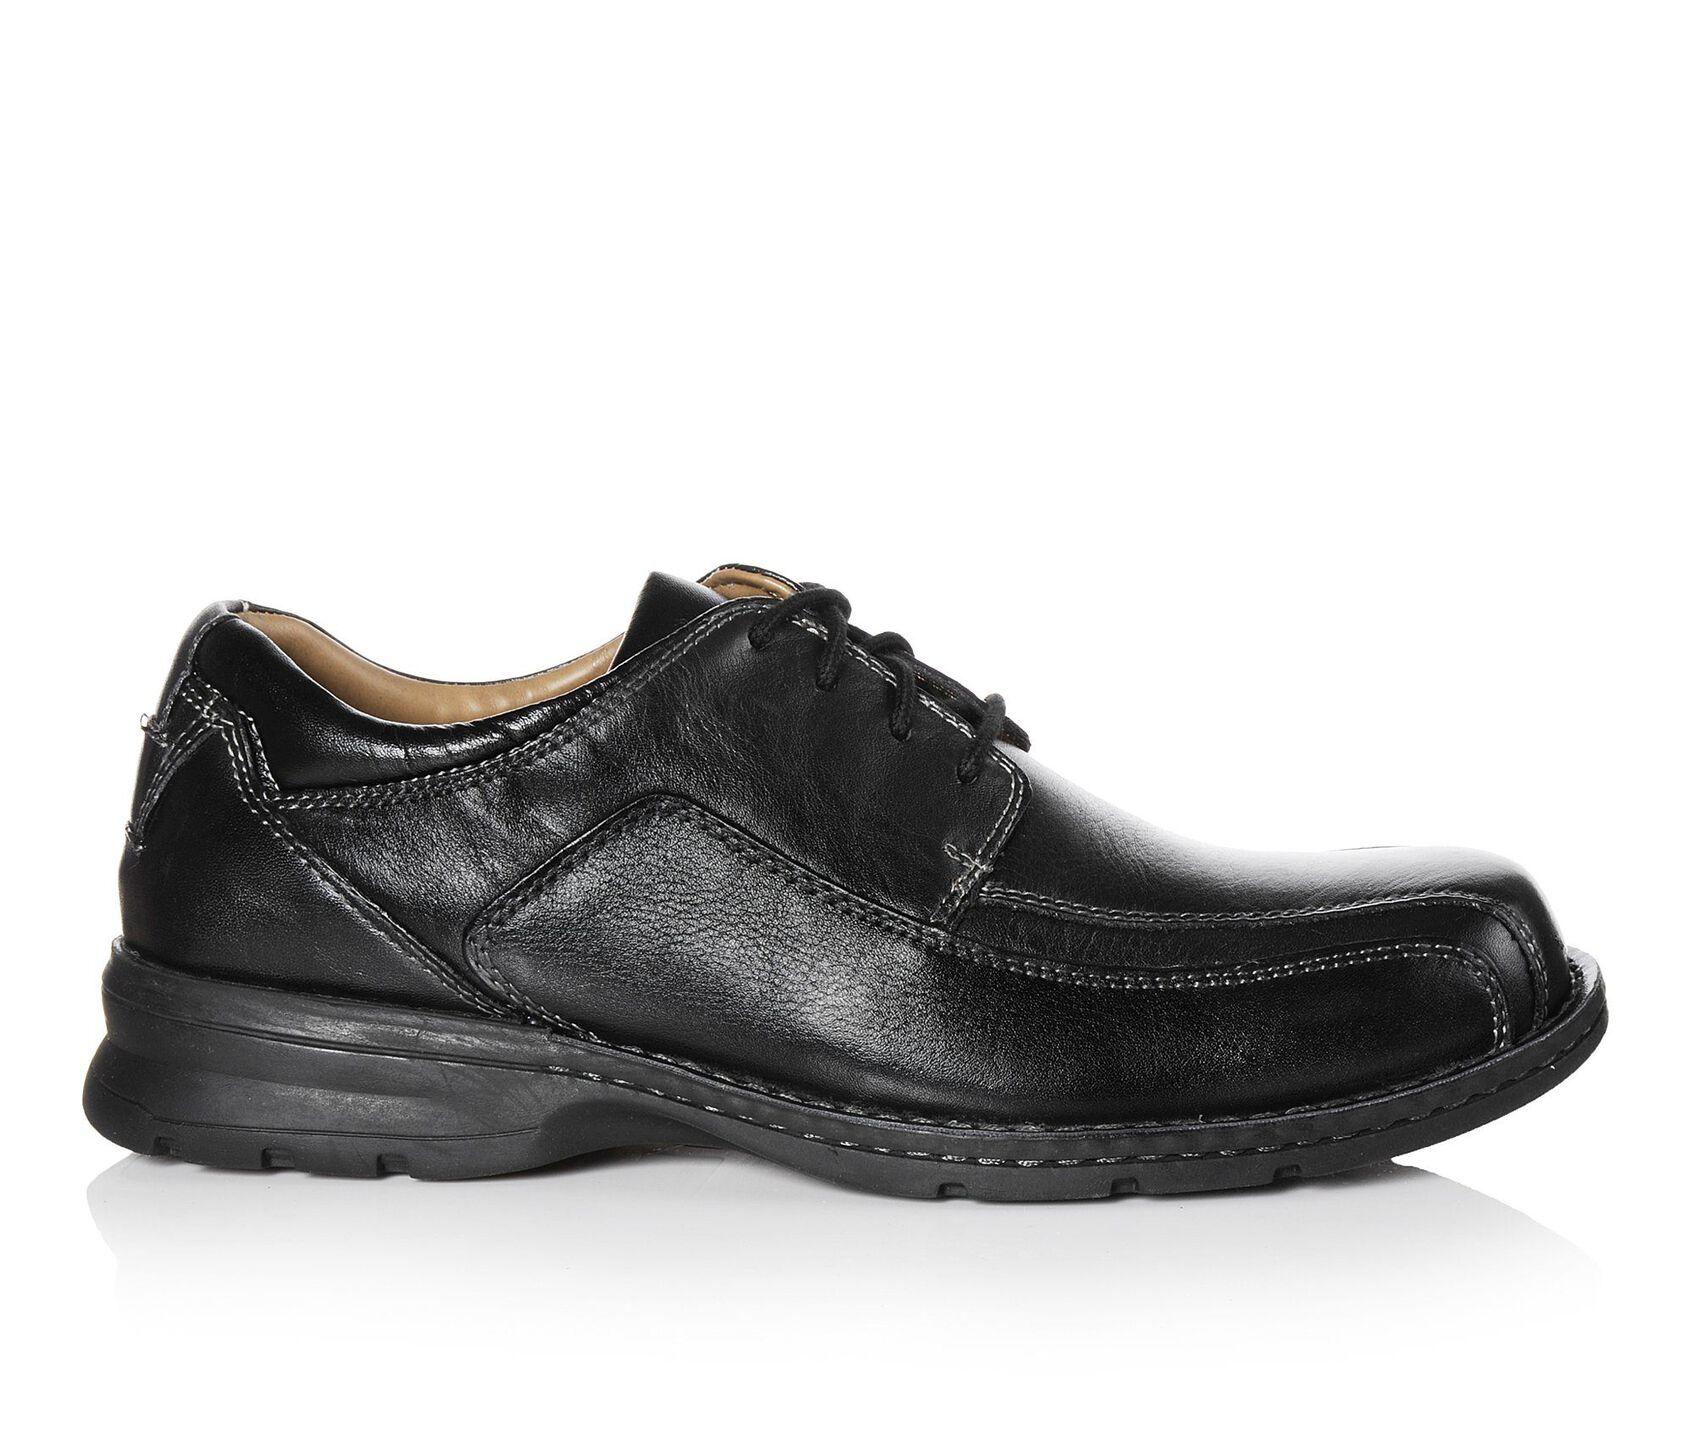 a201341514 Men's Dockers Trustee Dress Shoes | Shoe Carnival